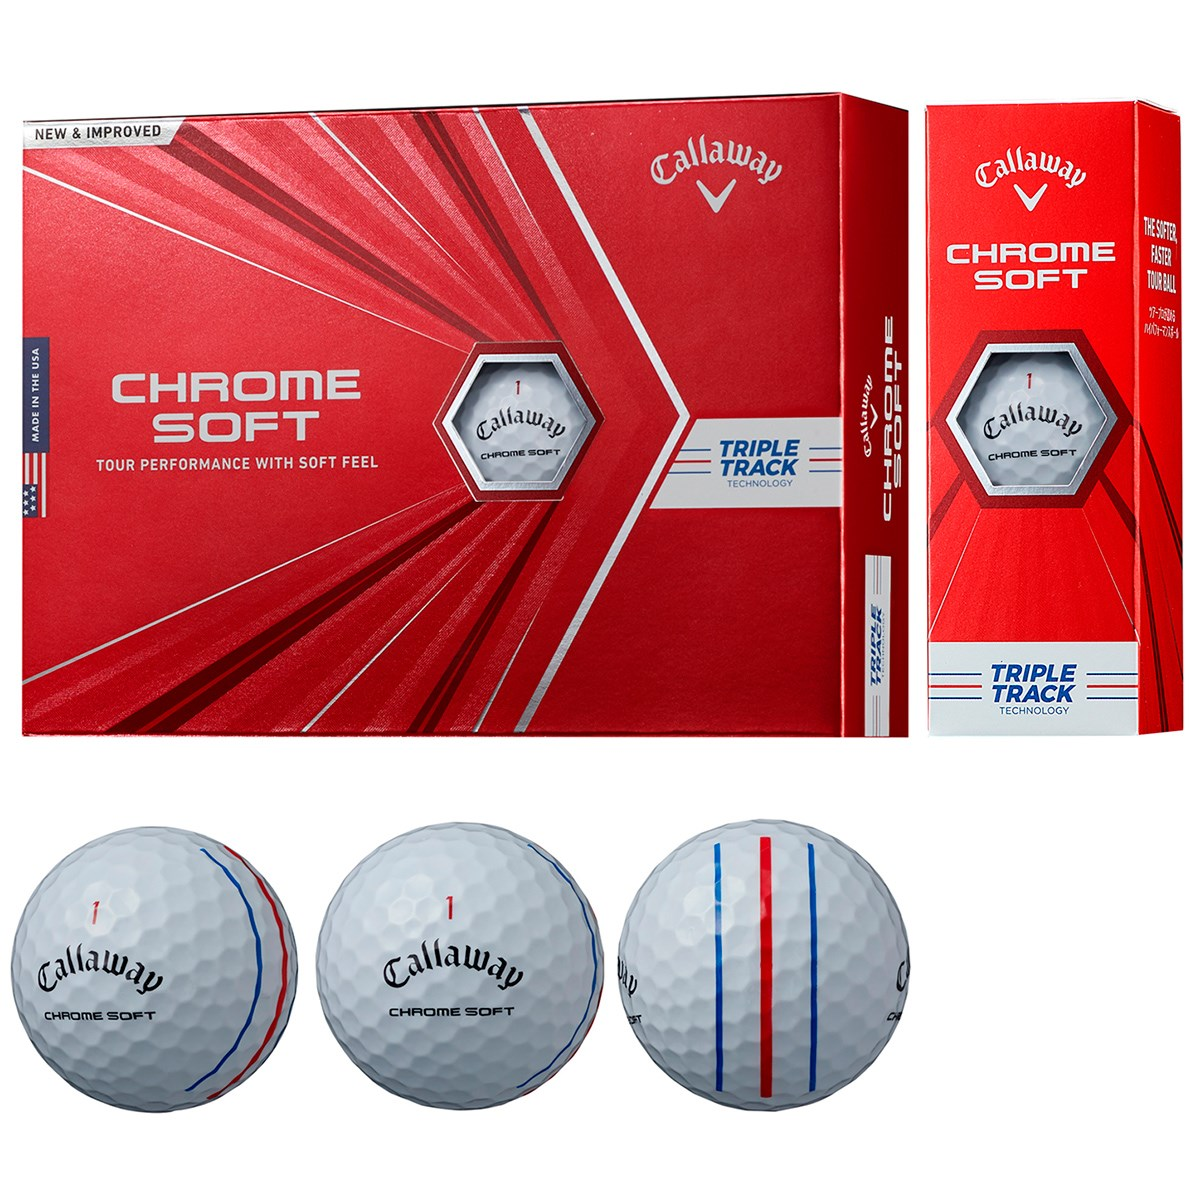 キャロウェイゴルフ CHROM SOFT CHROME SOFT ボール 3ダースセット 3ダース(36個入り) ホワイト(トリプルトラック)